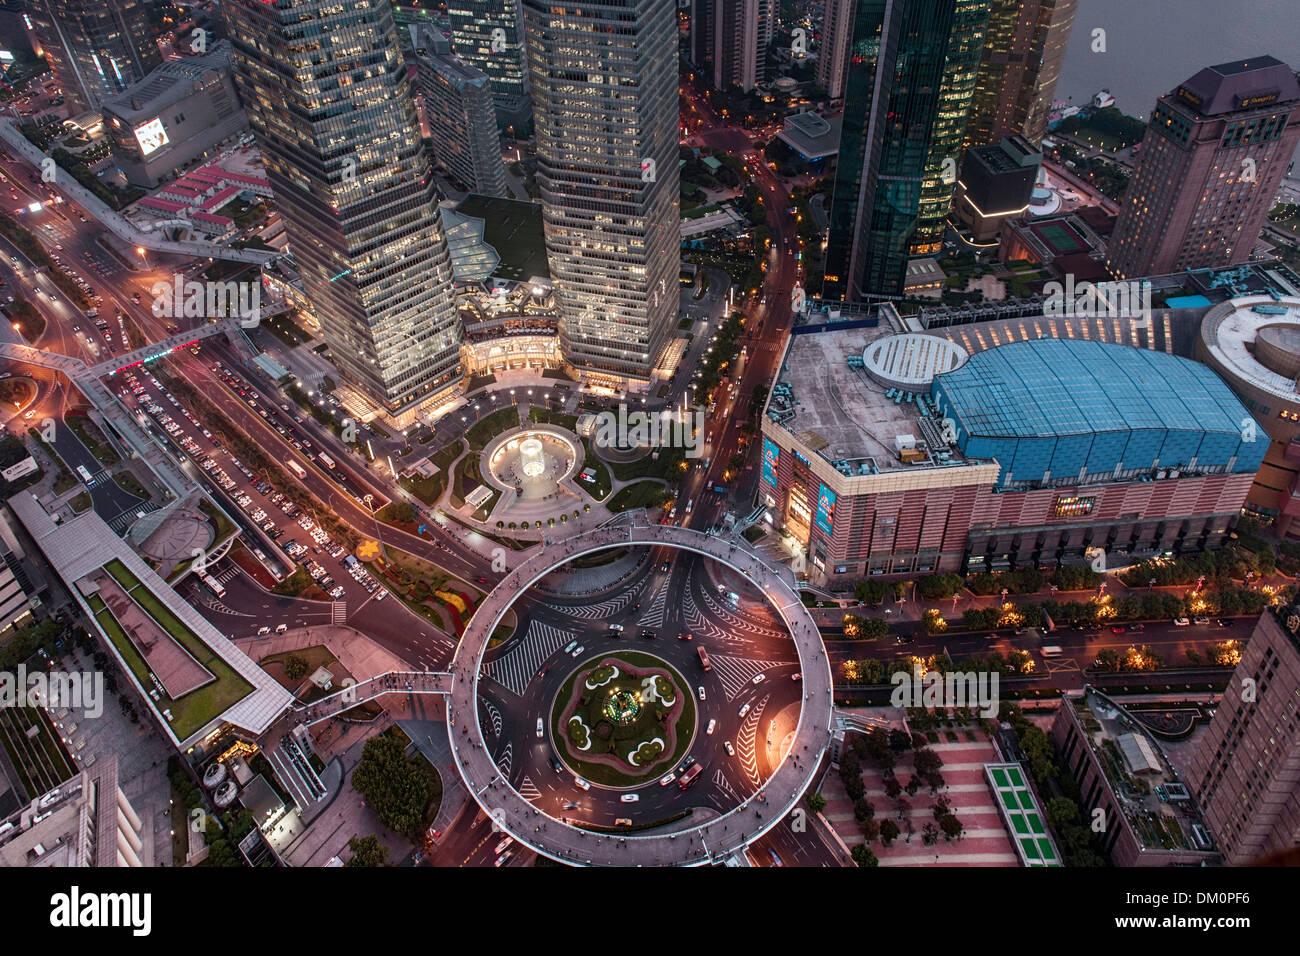 Cityscape, vista di IFC, SWFC, il World Financial Center di Shanghai, Torre di Jin Mao di notte, Lujiazui Pudong, Shanghai, Cina Immagini Stock